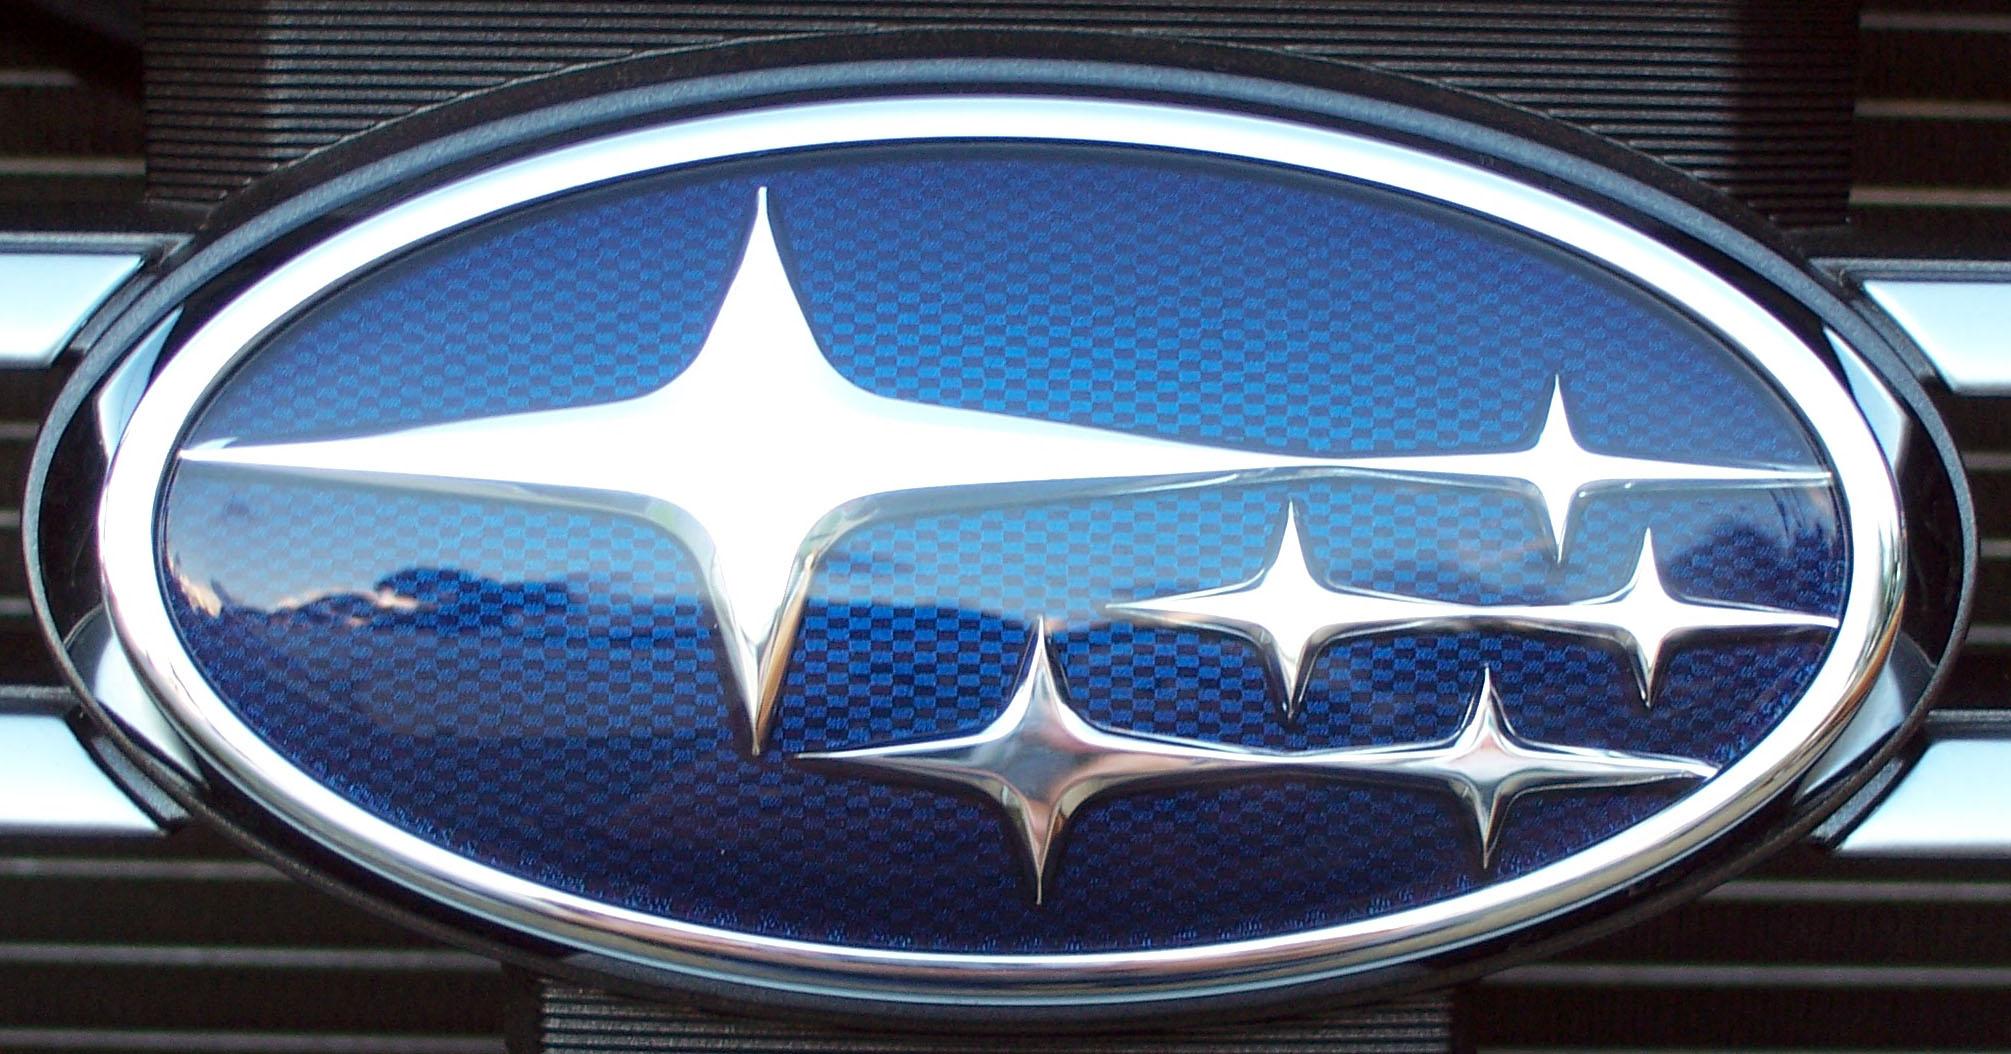 Subaru logo | Explore Dale Gillard's photos on Flickr ...